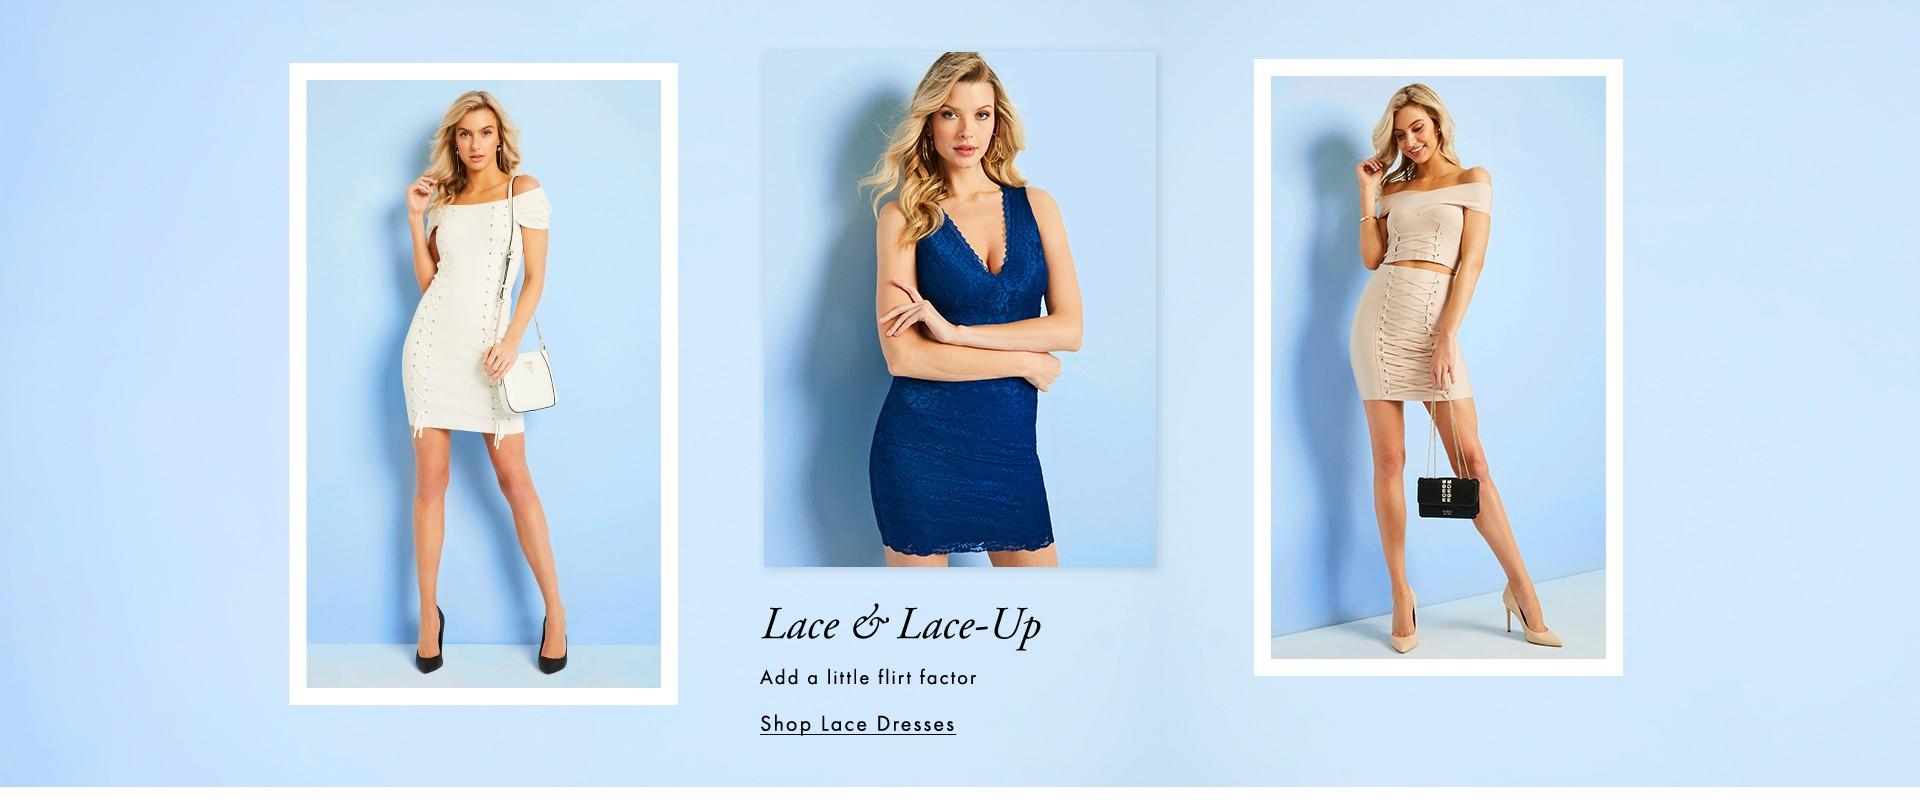 Lace & Lace-Up